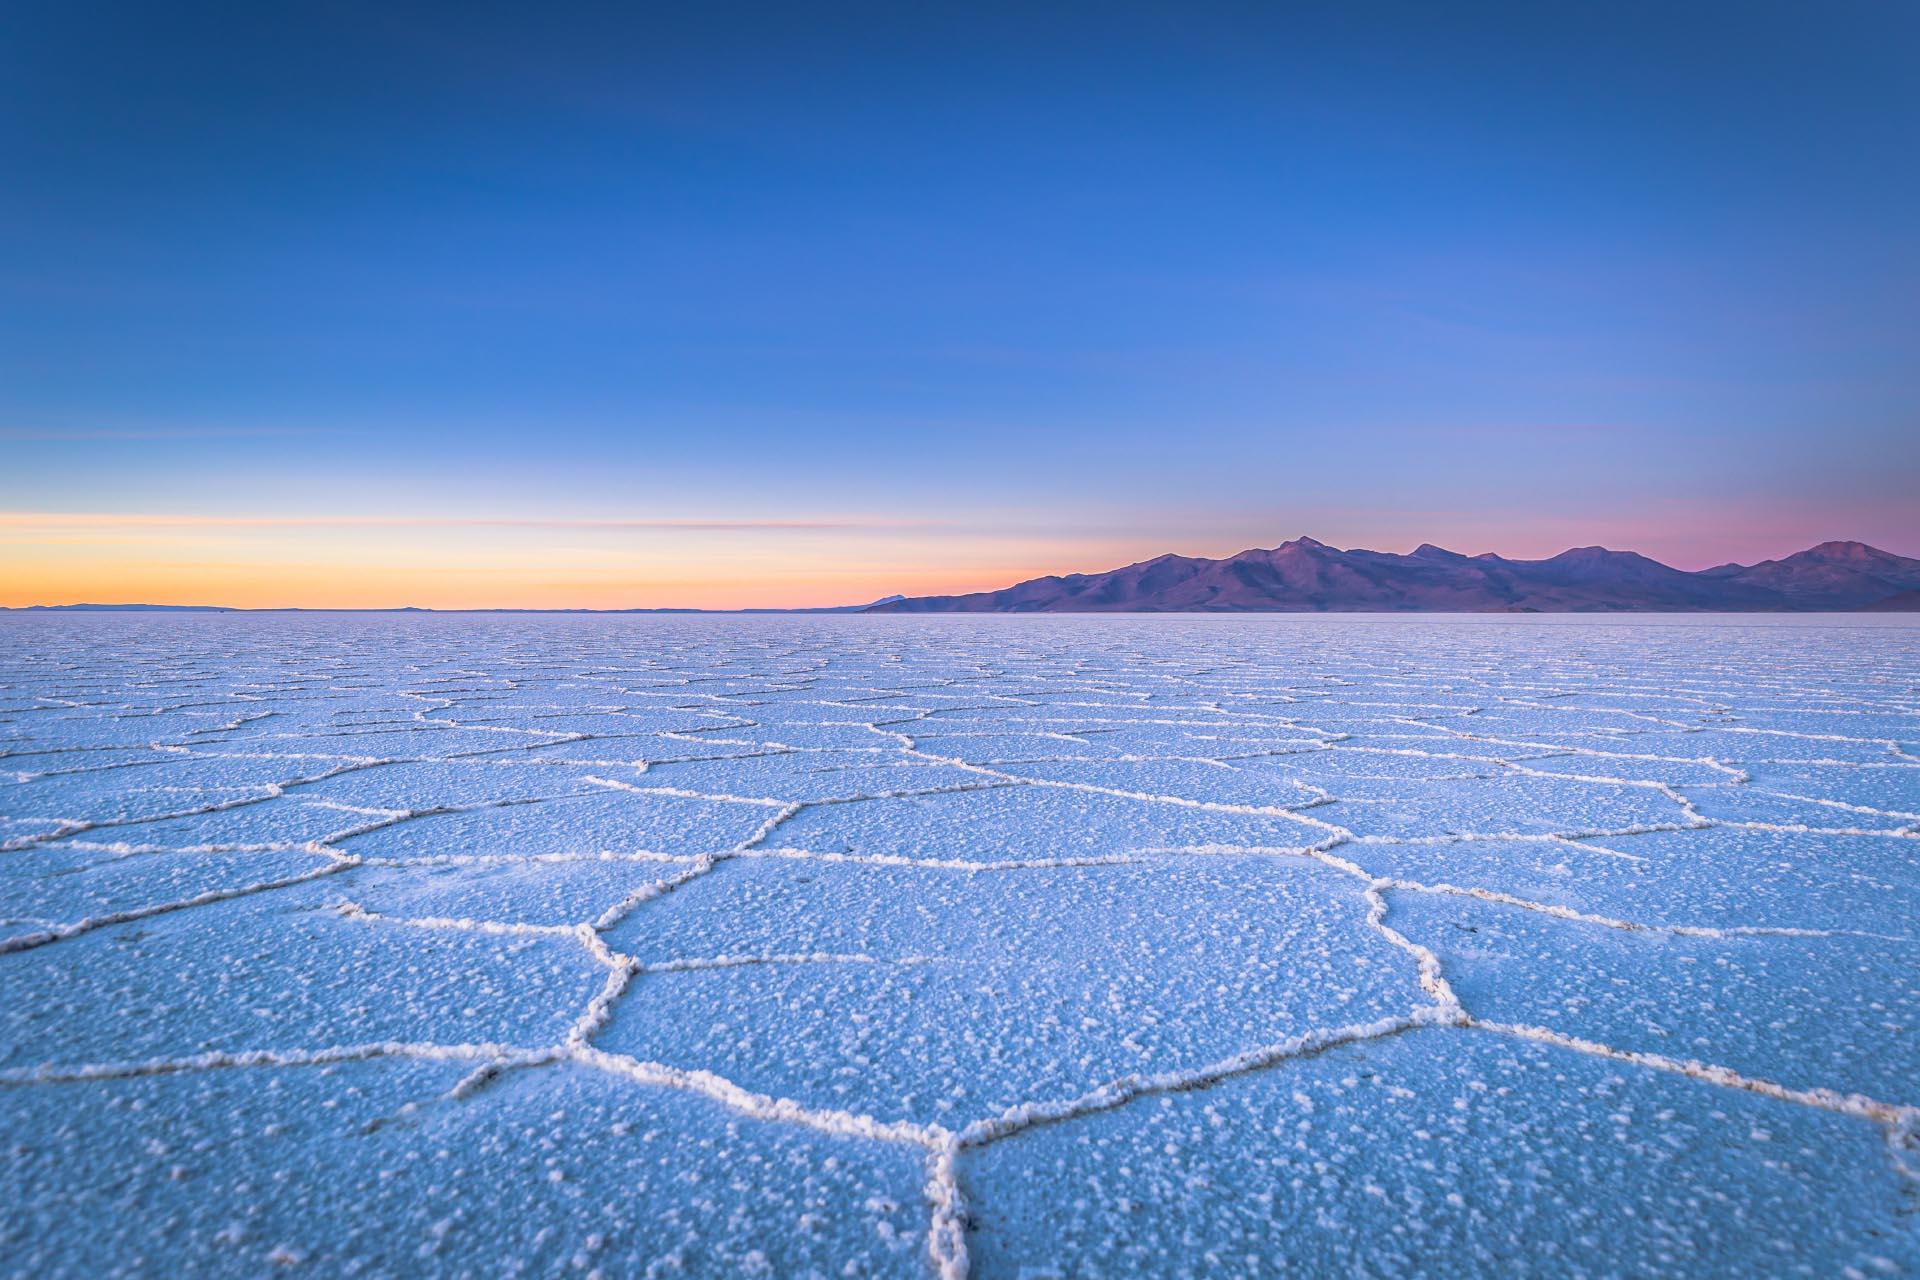 ウユニ塩湖の日の出の風景 ボリビアの風景